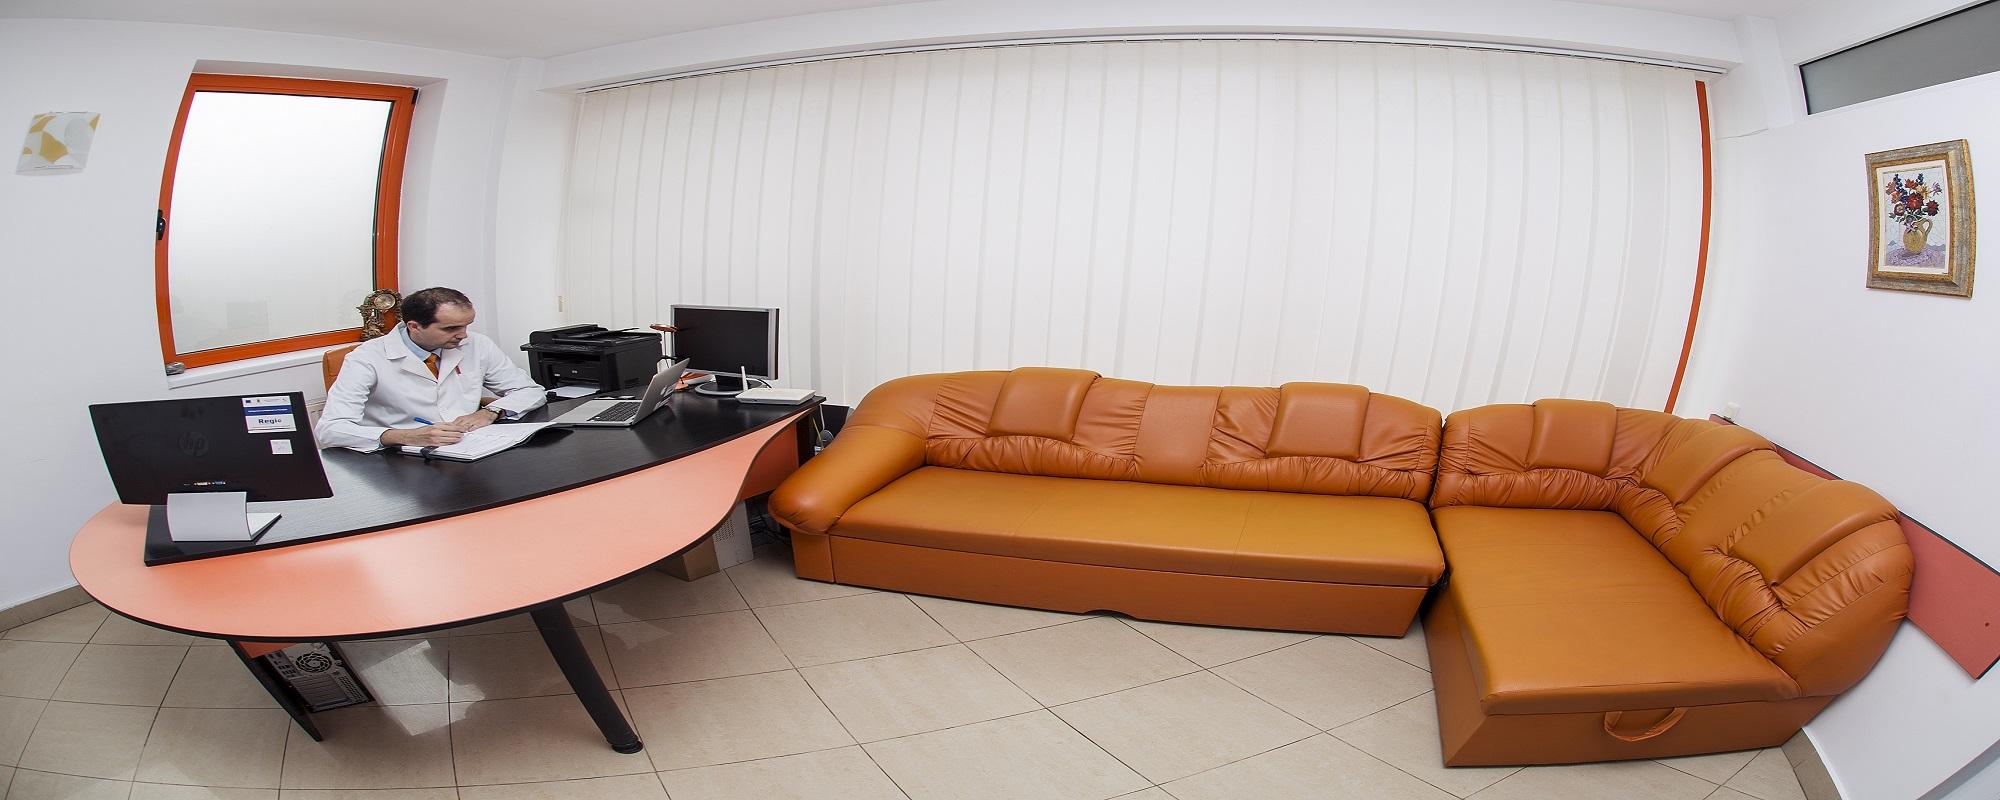 Euroderma-014-2000x800